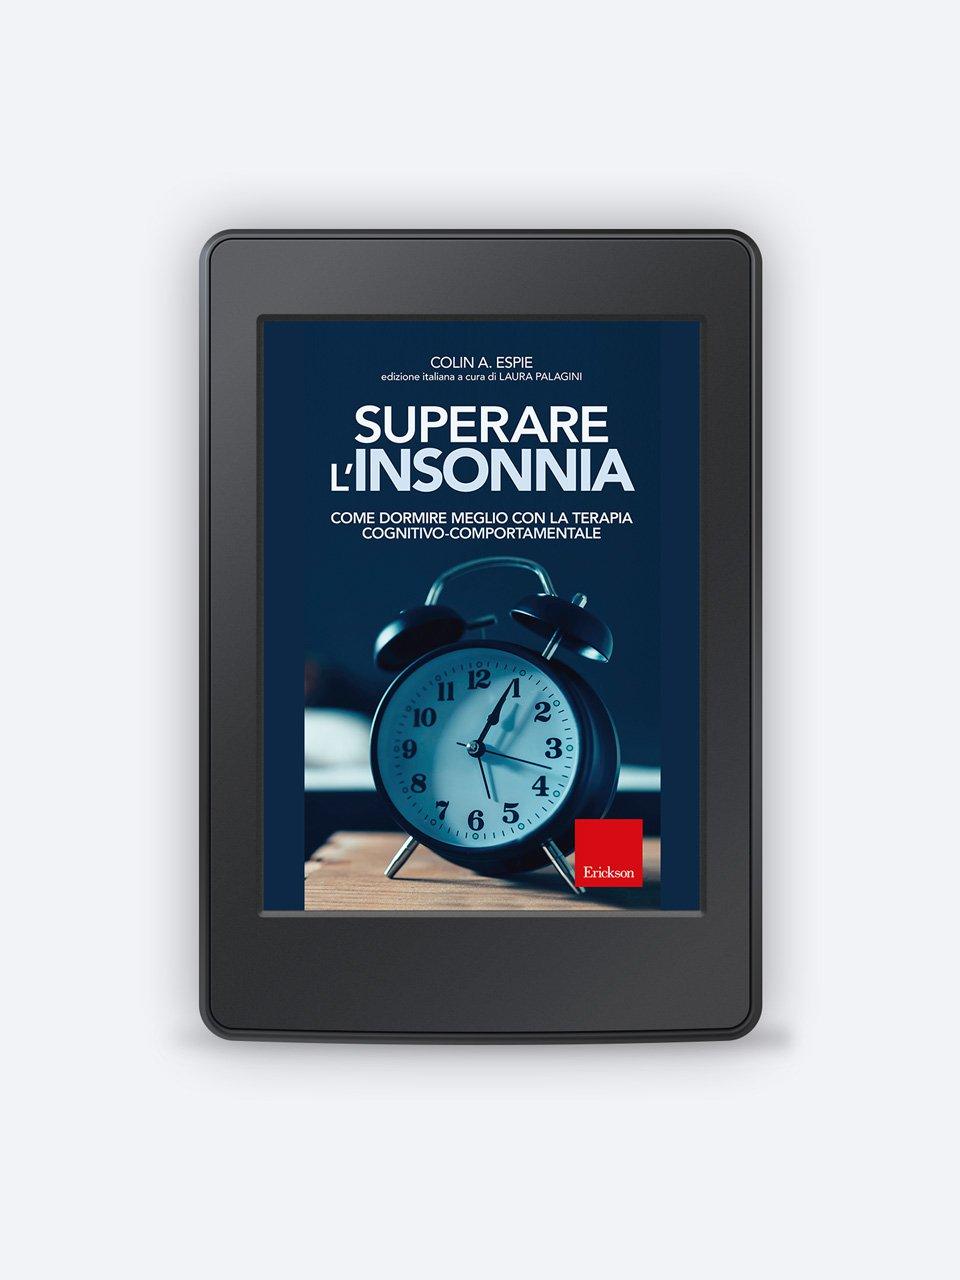 Superare l'insonnia - Non voglio andare a dormire! - Libri - Erickson